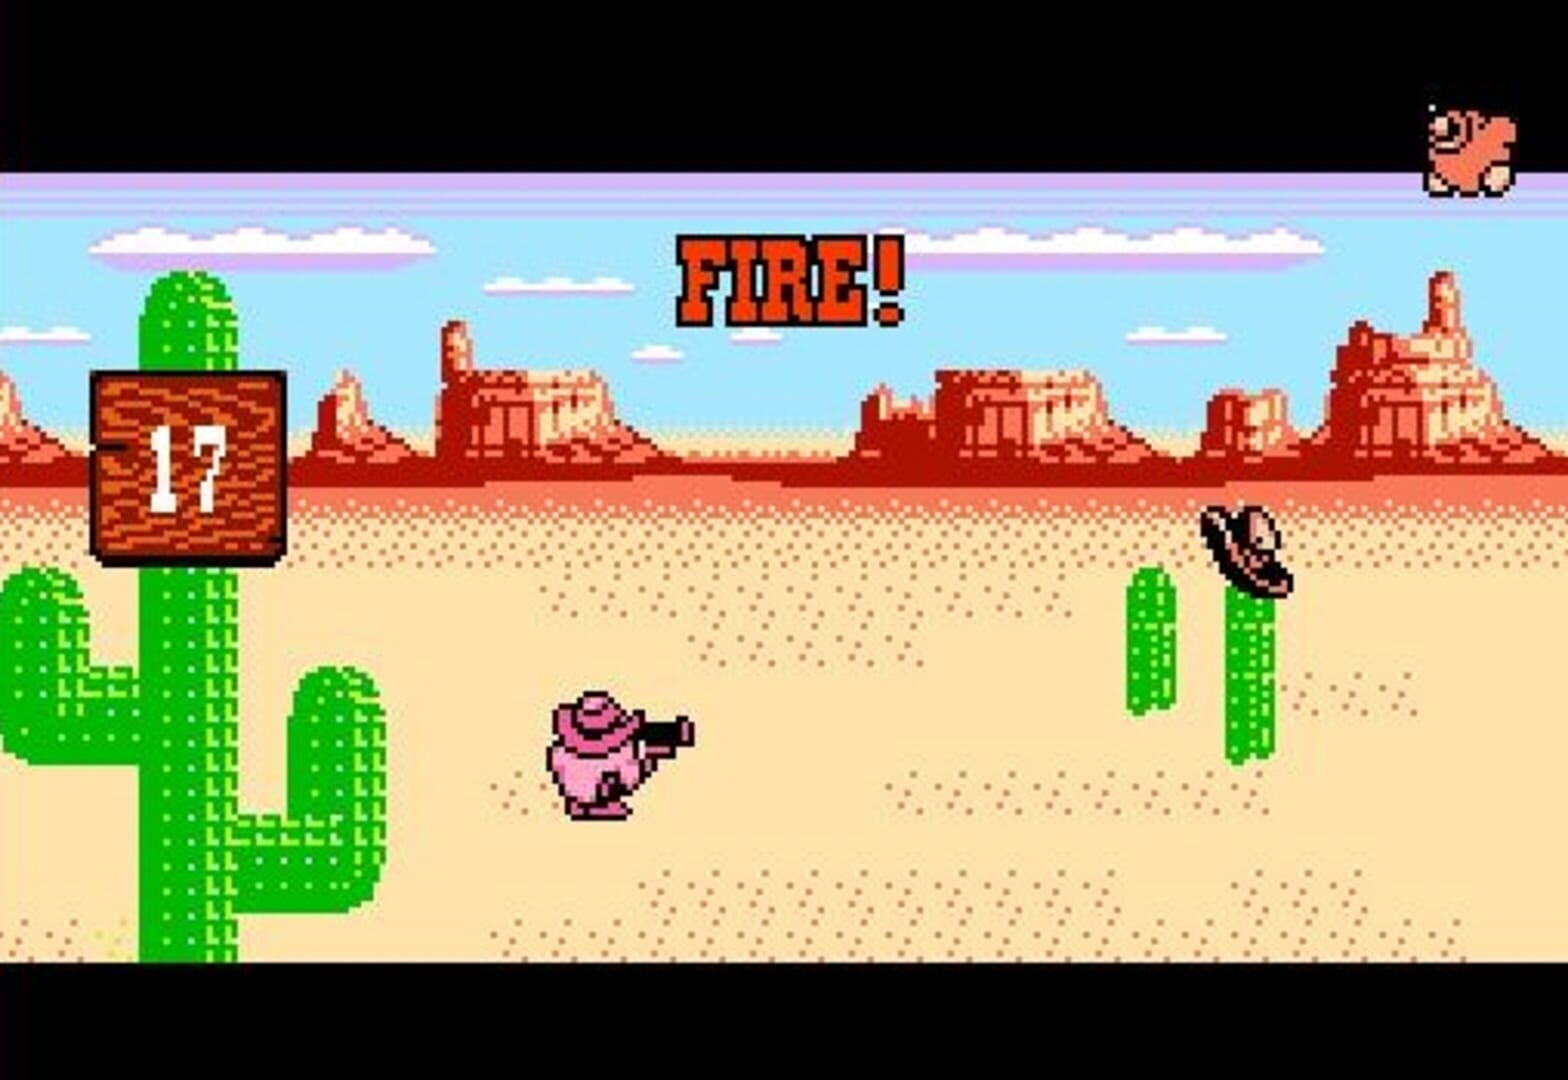 Gameplay Screenshot from Kirby's Adventure